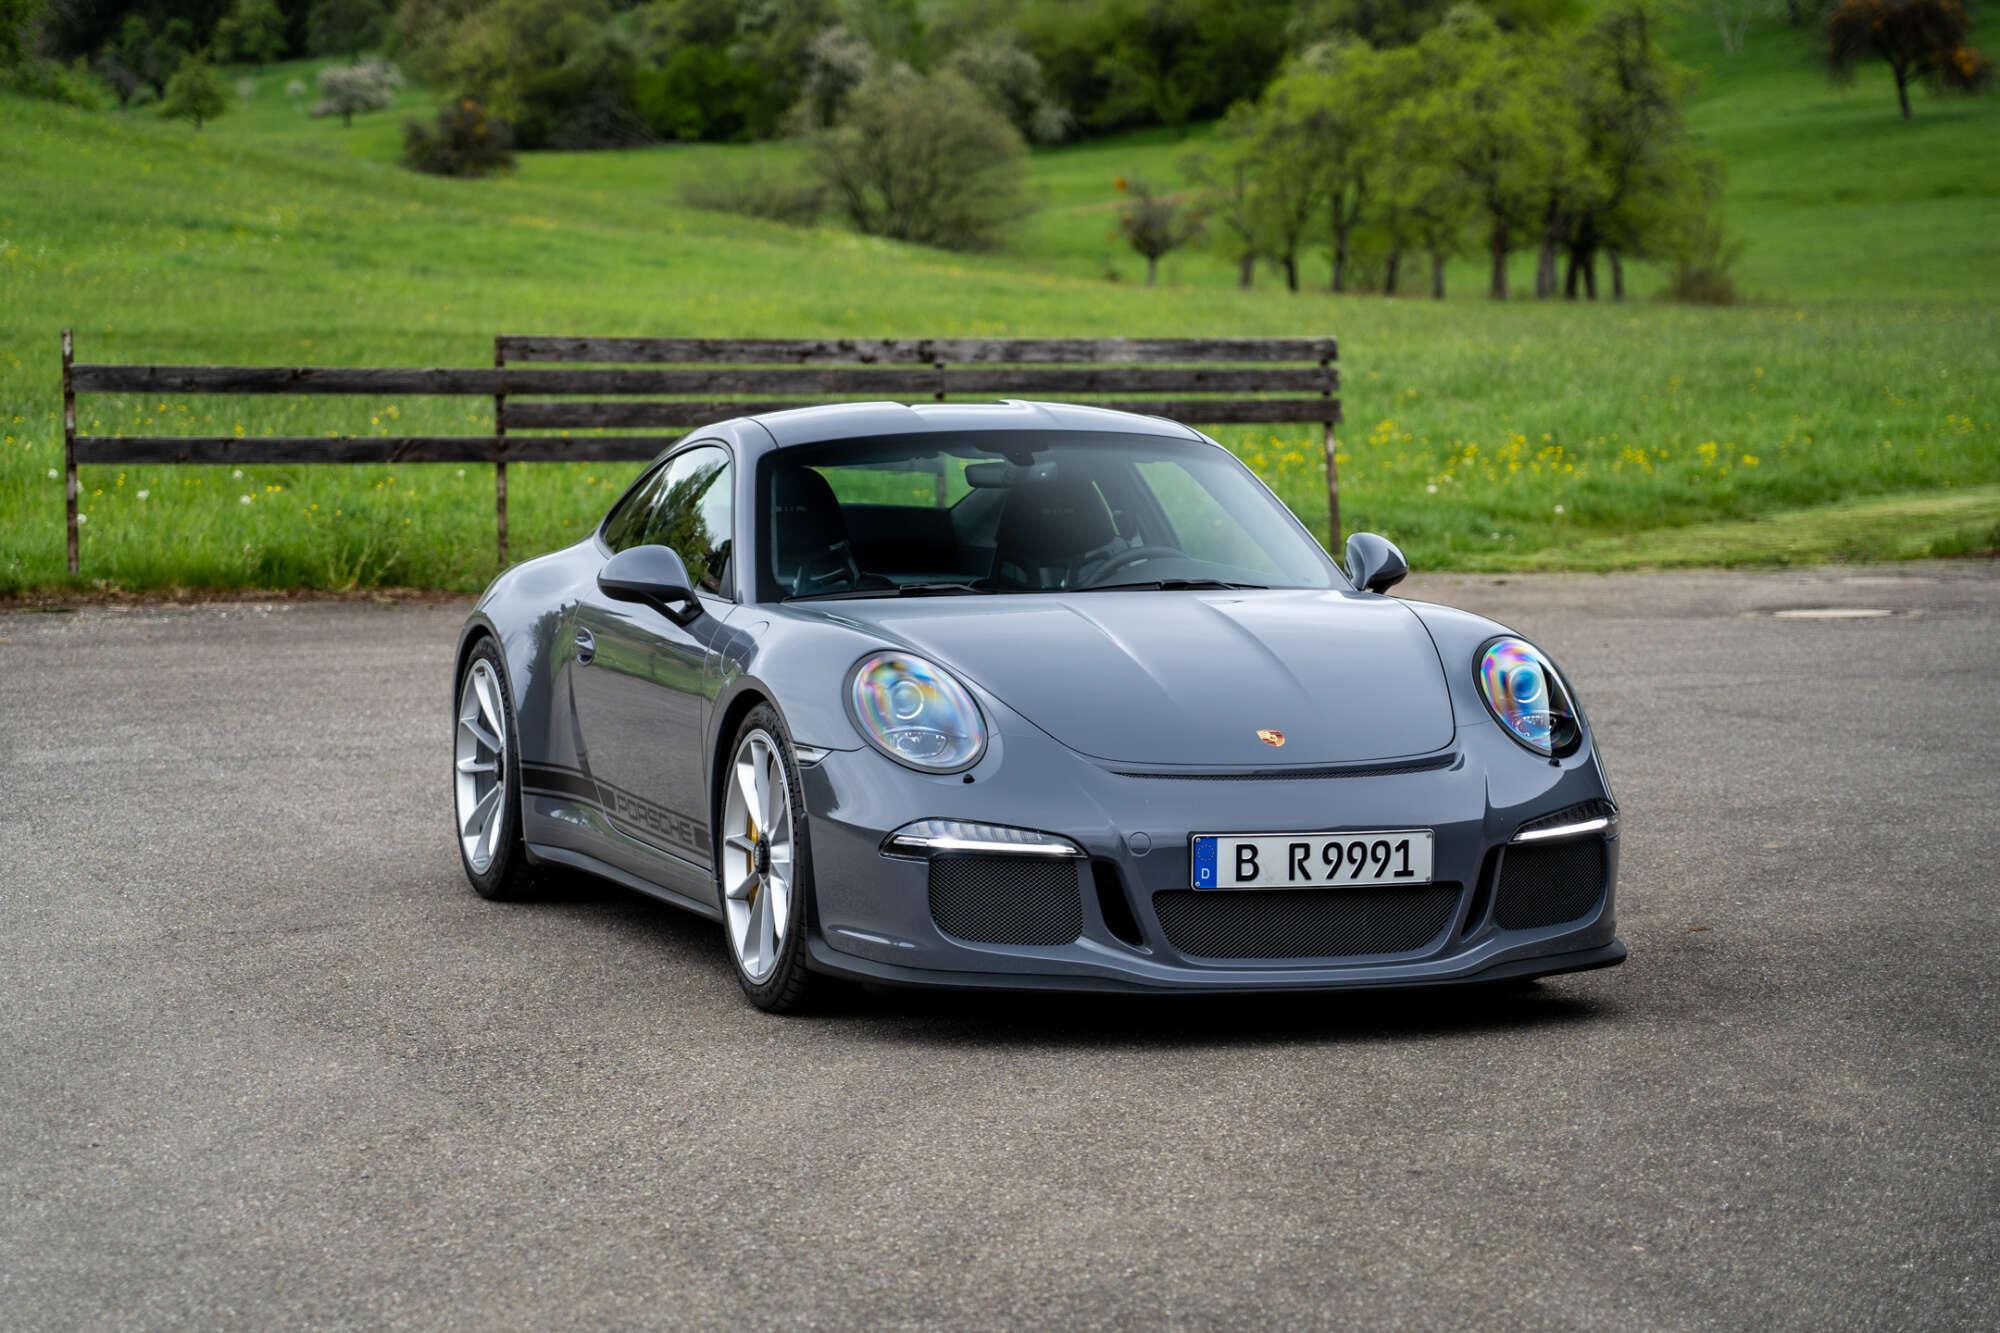 2016 Porsche 911 kaufen gebraucht - Baujahr 2016